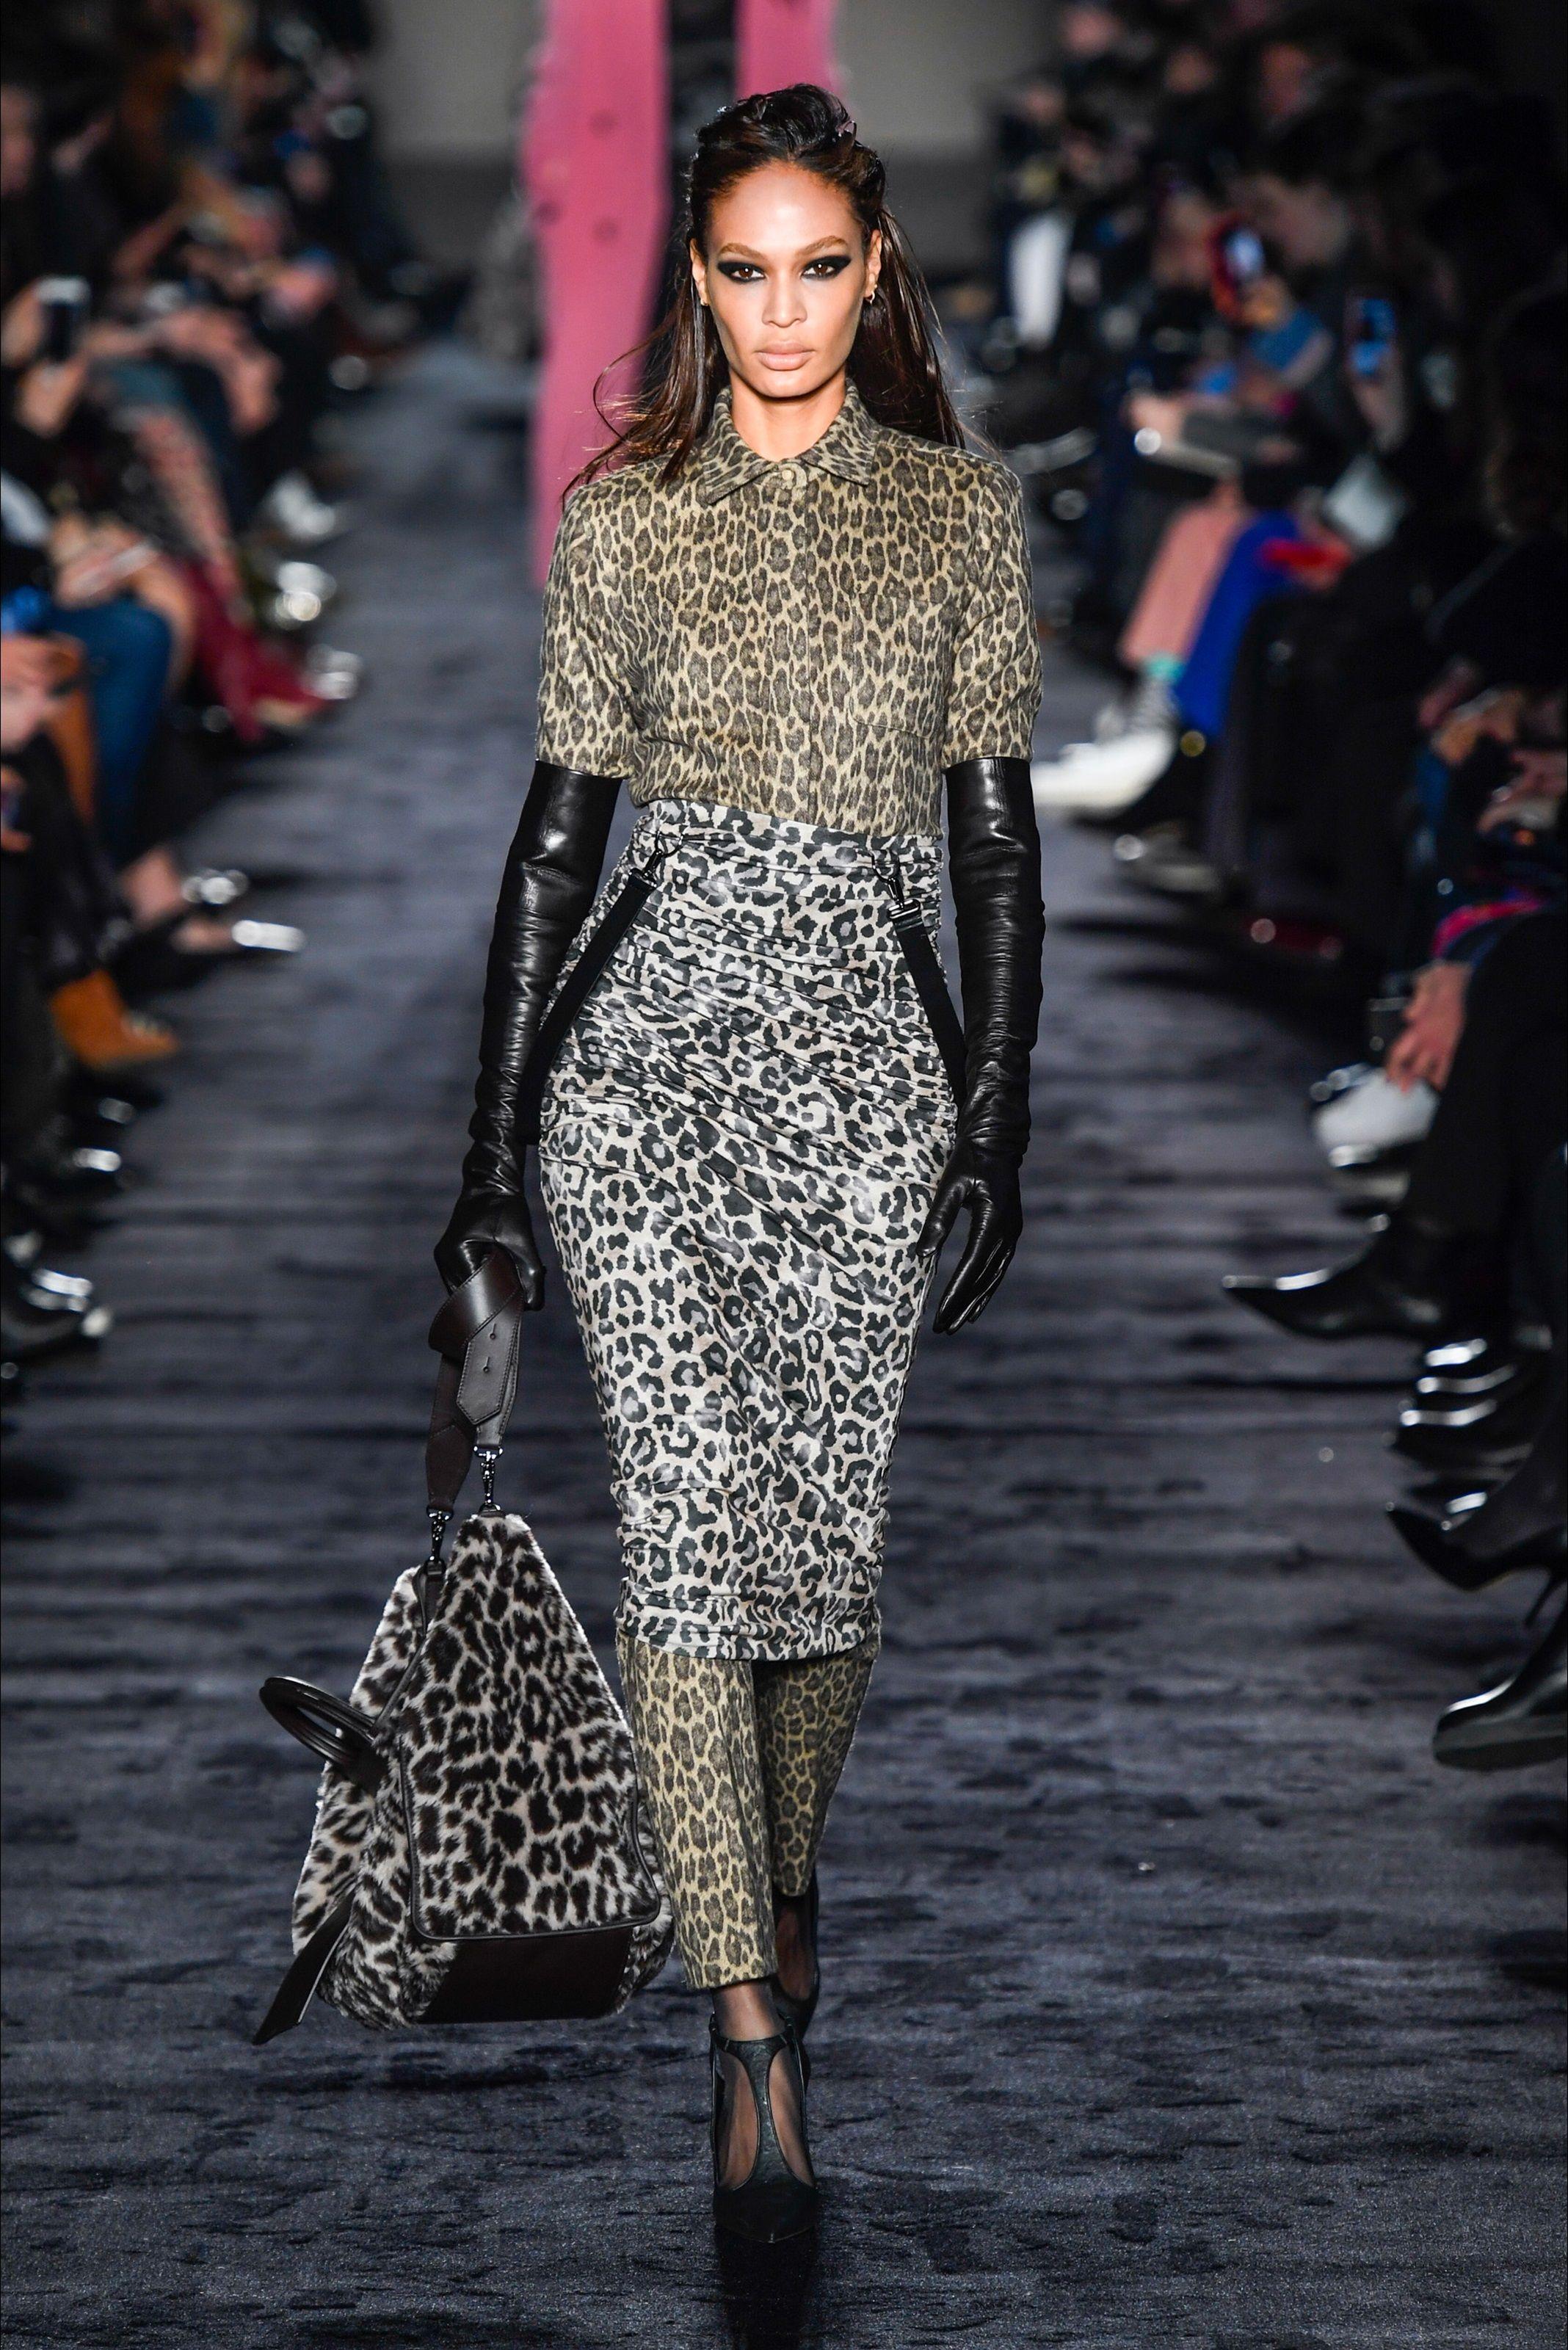 Sfilata Max Mara Milano - Collezioni Autunno Inverno 2018-19 - Vogue ... 0a3b24e6a1e